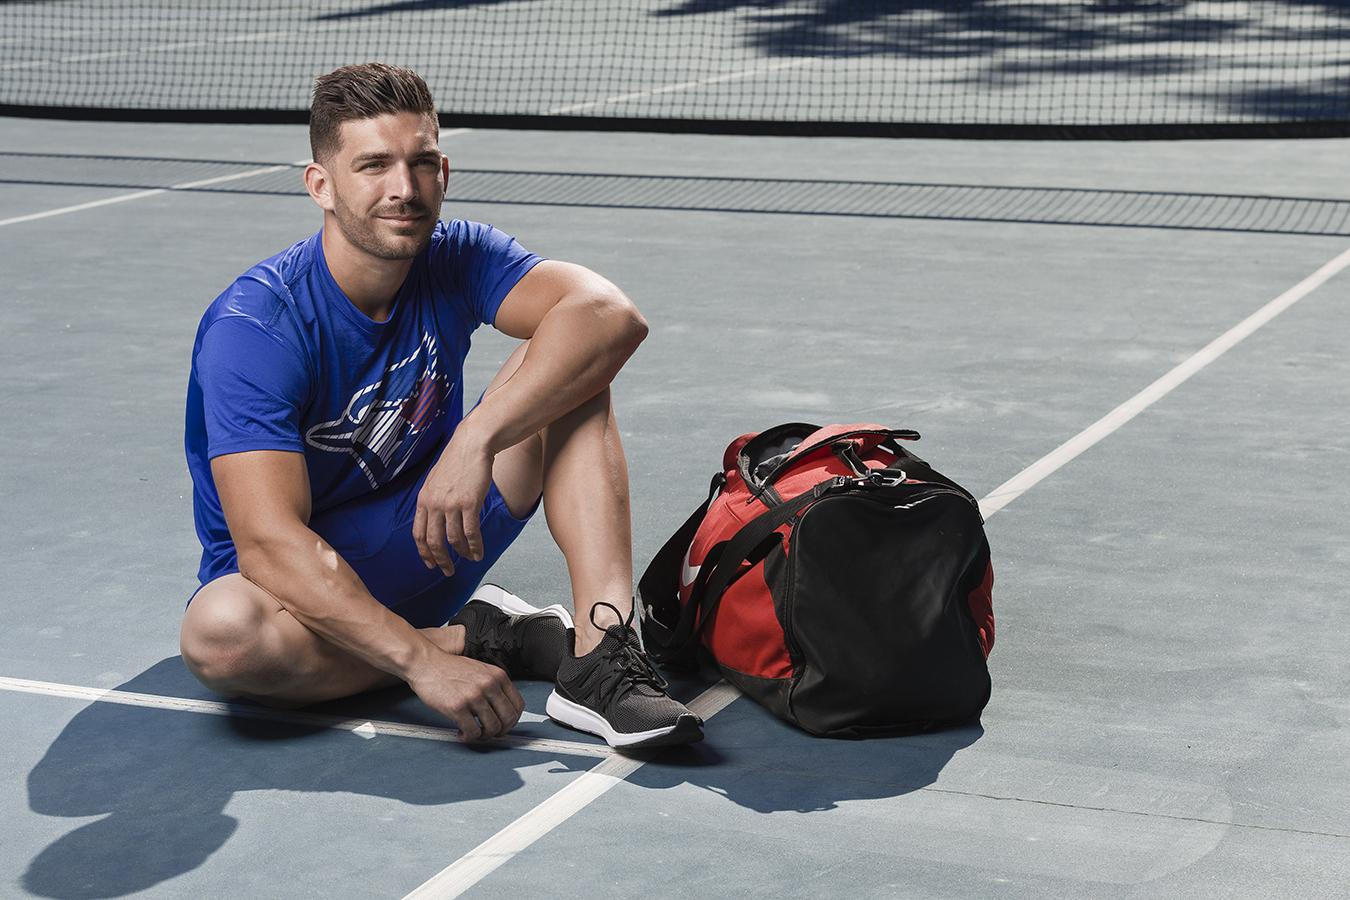 John seated on tennis court